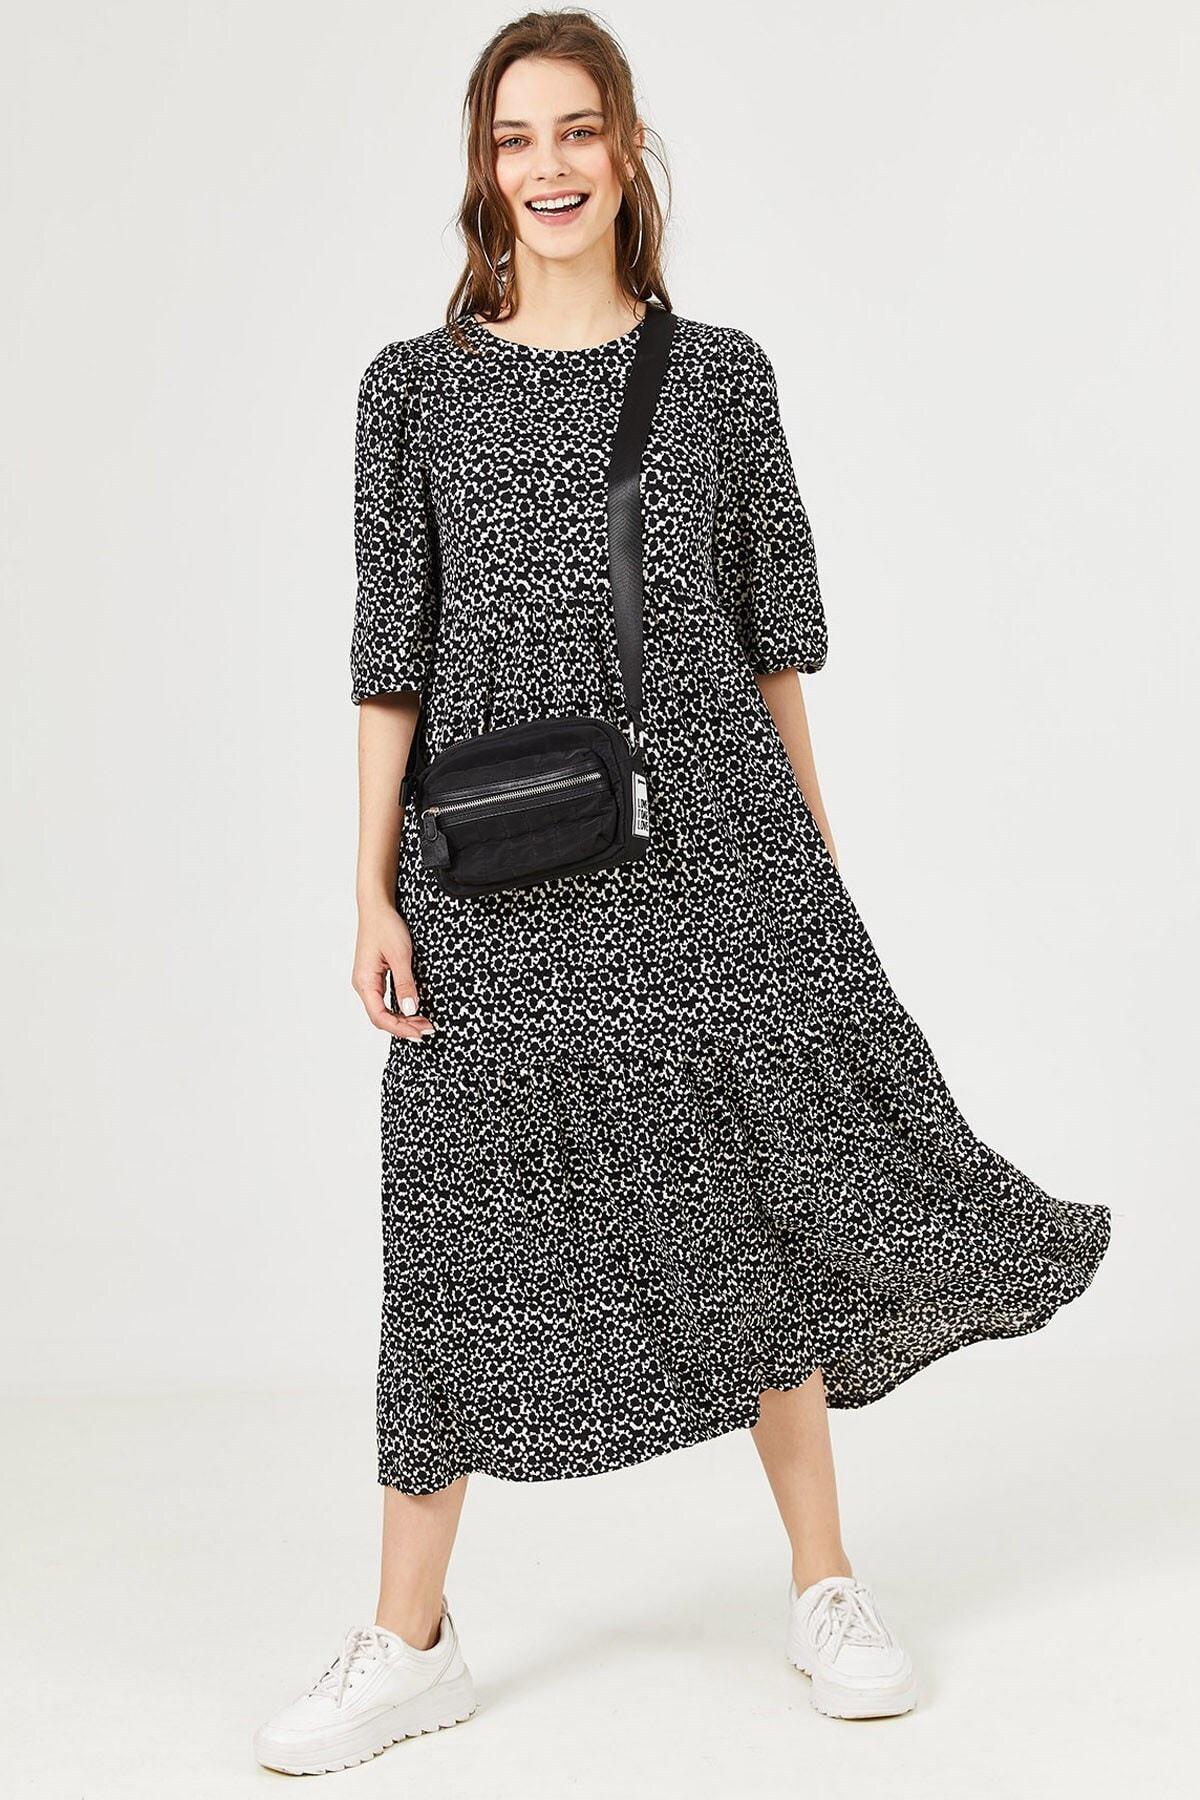 Loukai Kadın Siyah Dökümlü Günlük Elbise 1